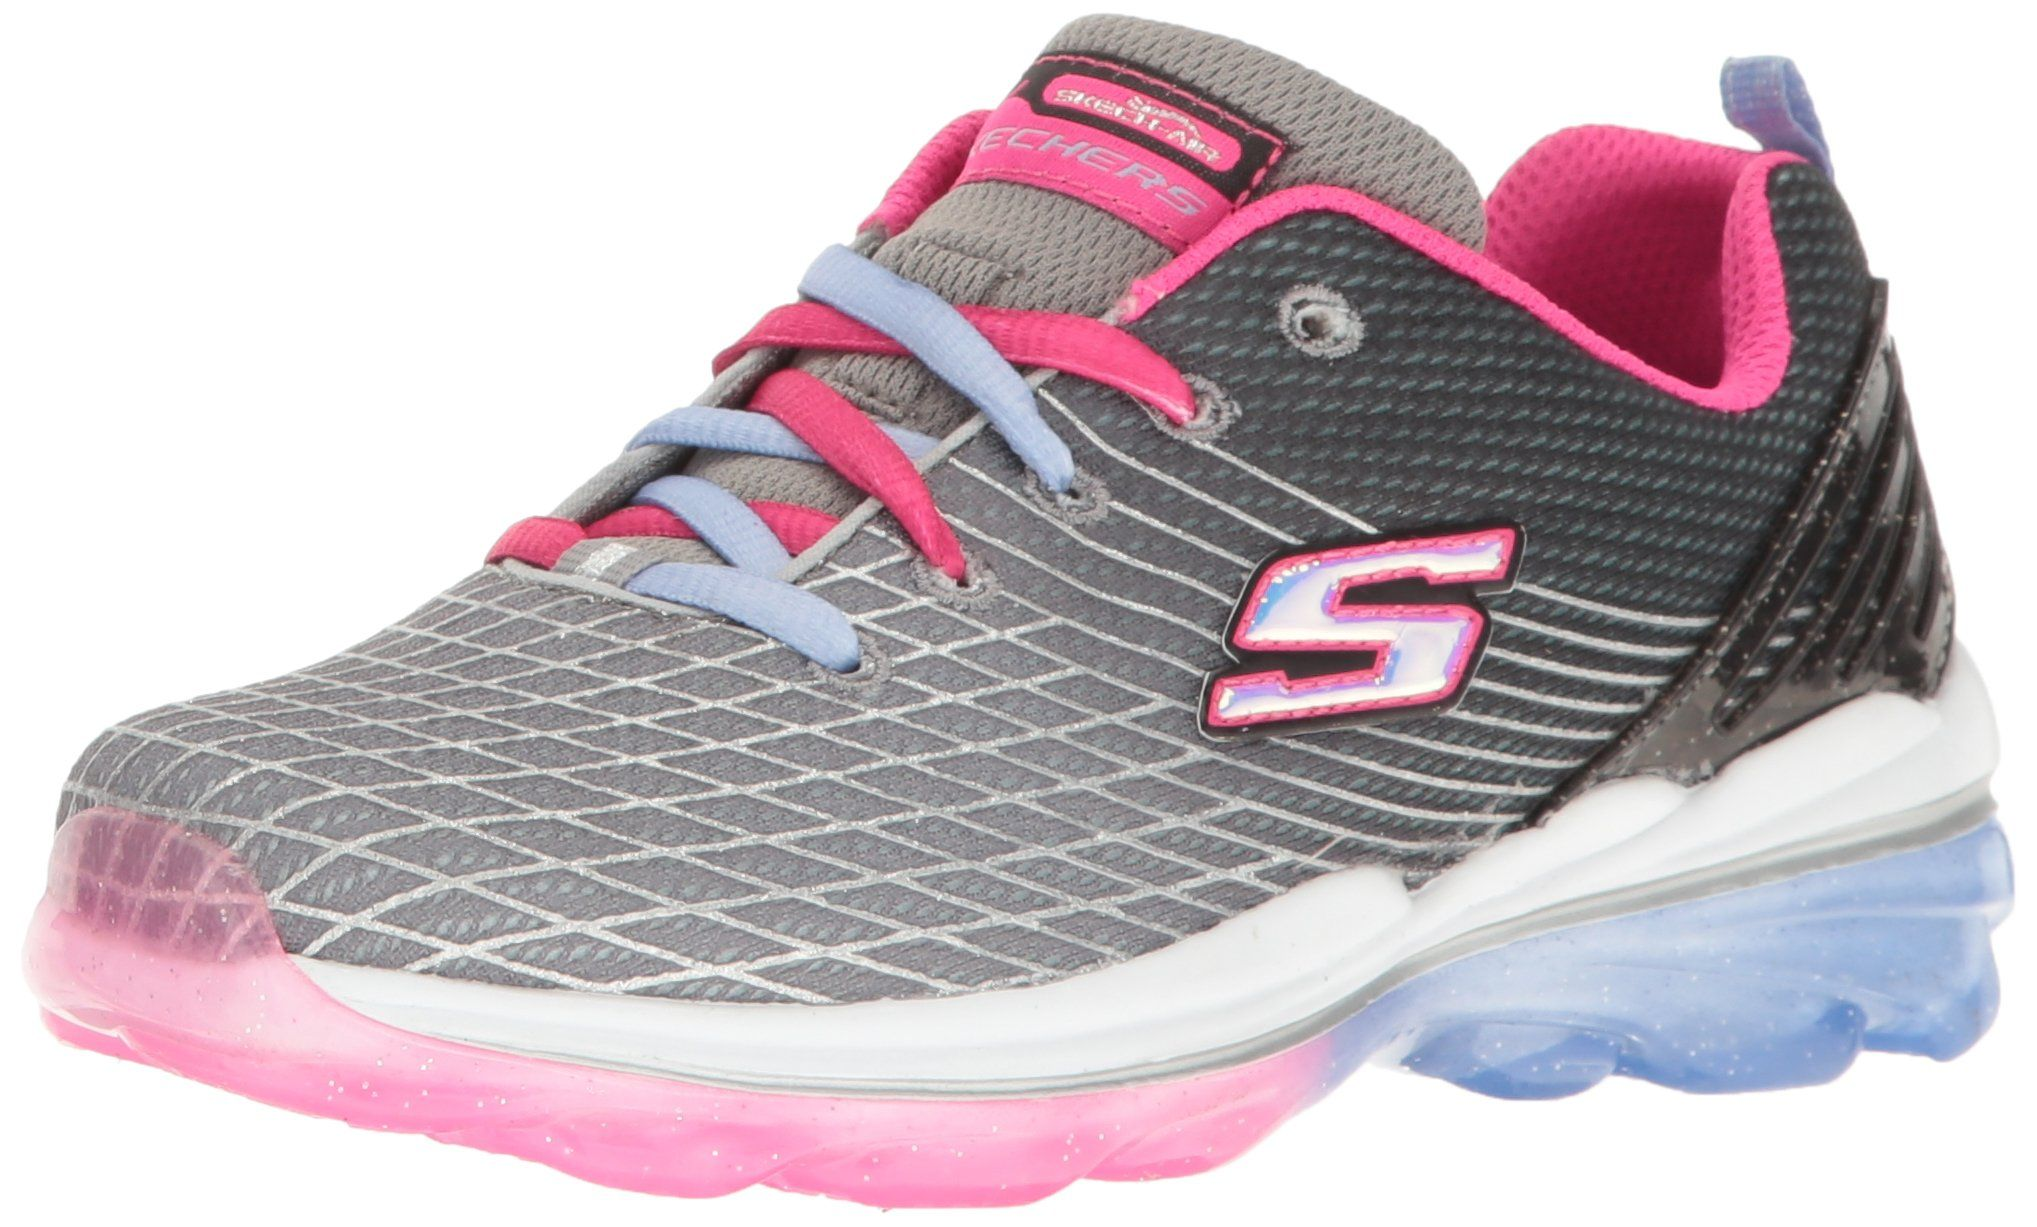 093a0a1c41ff Skechers Kids Girls  Skech-Air Deluxe Sneaker